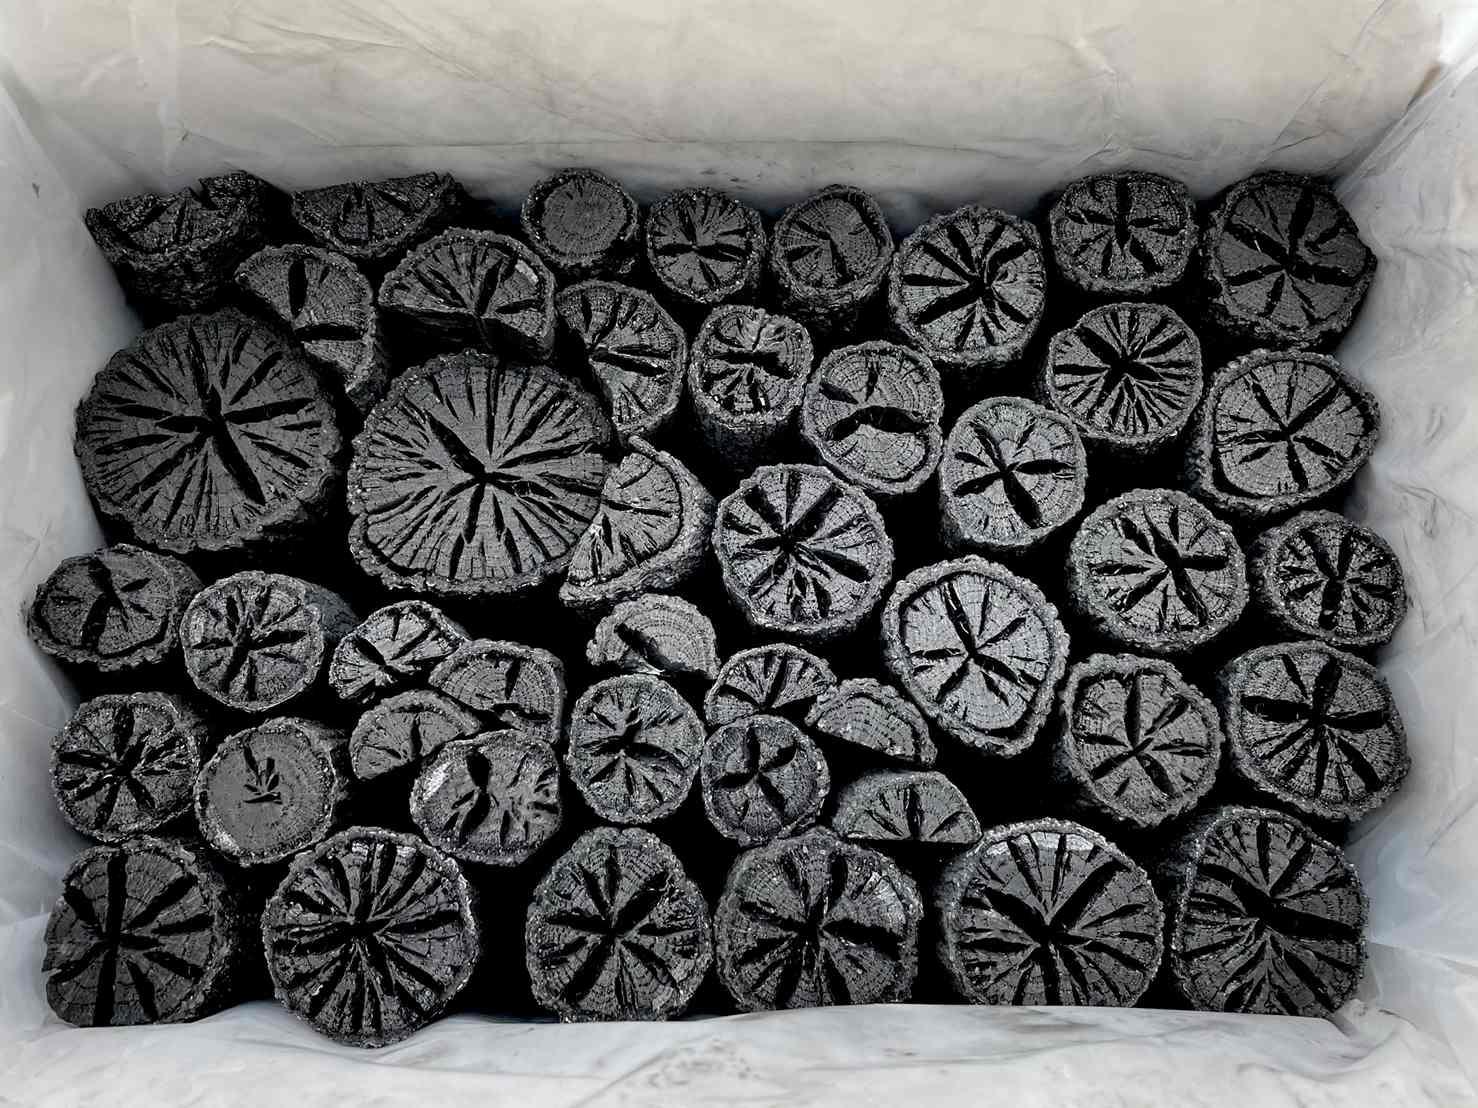 風炉用組炭 小箱(約2.3�)